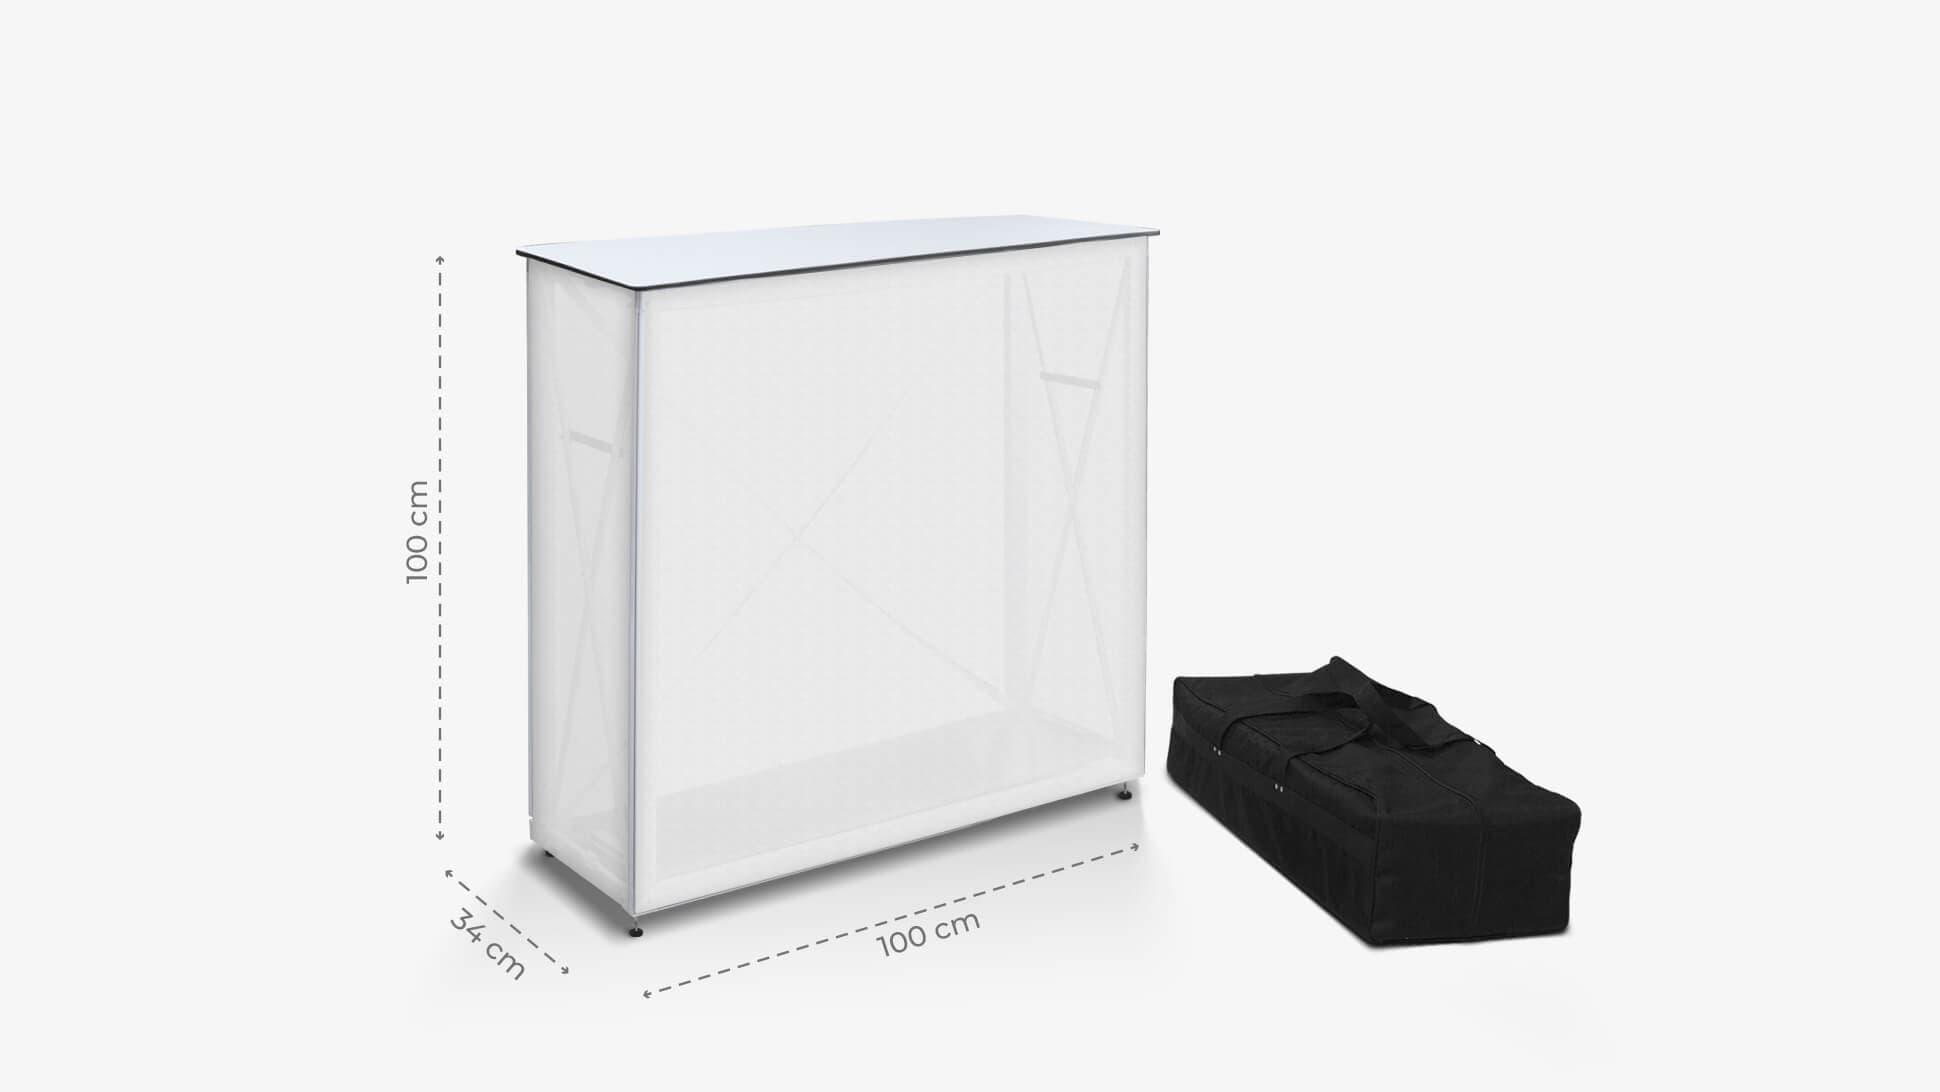 Desk promozionale con struttura metallica | tictac.it